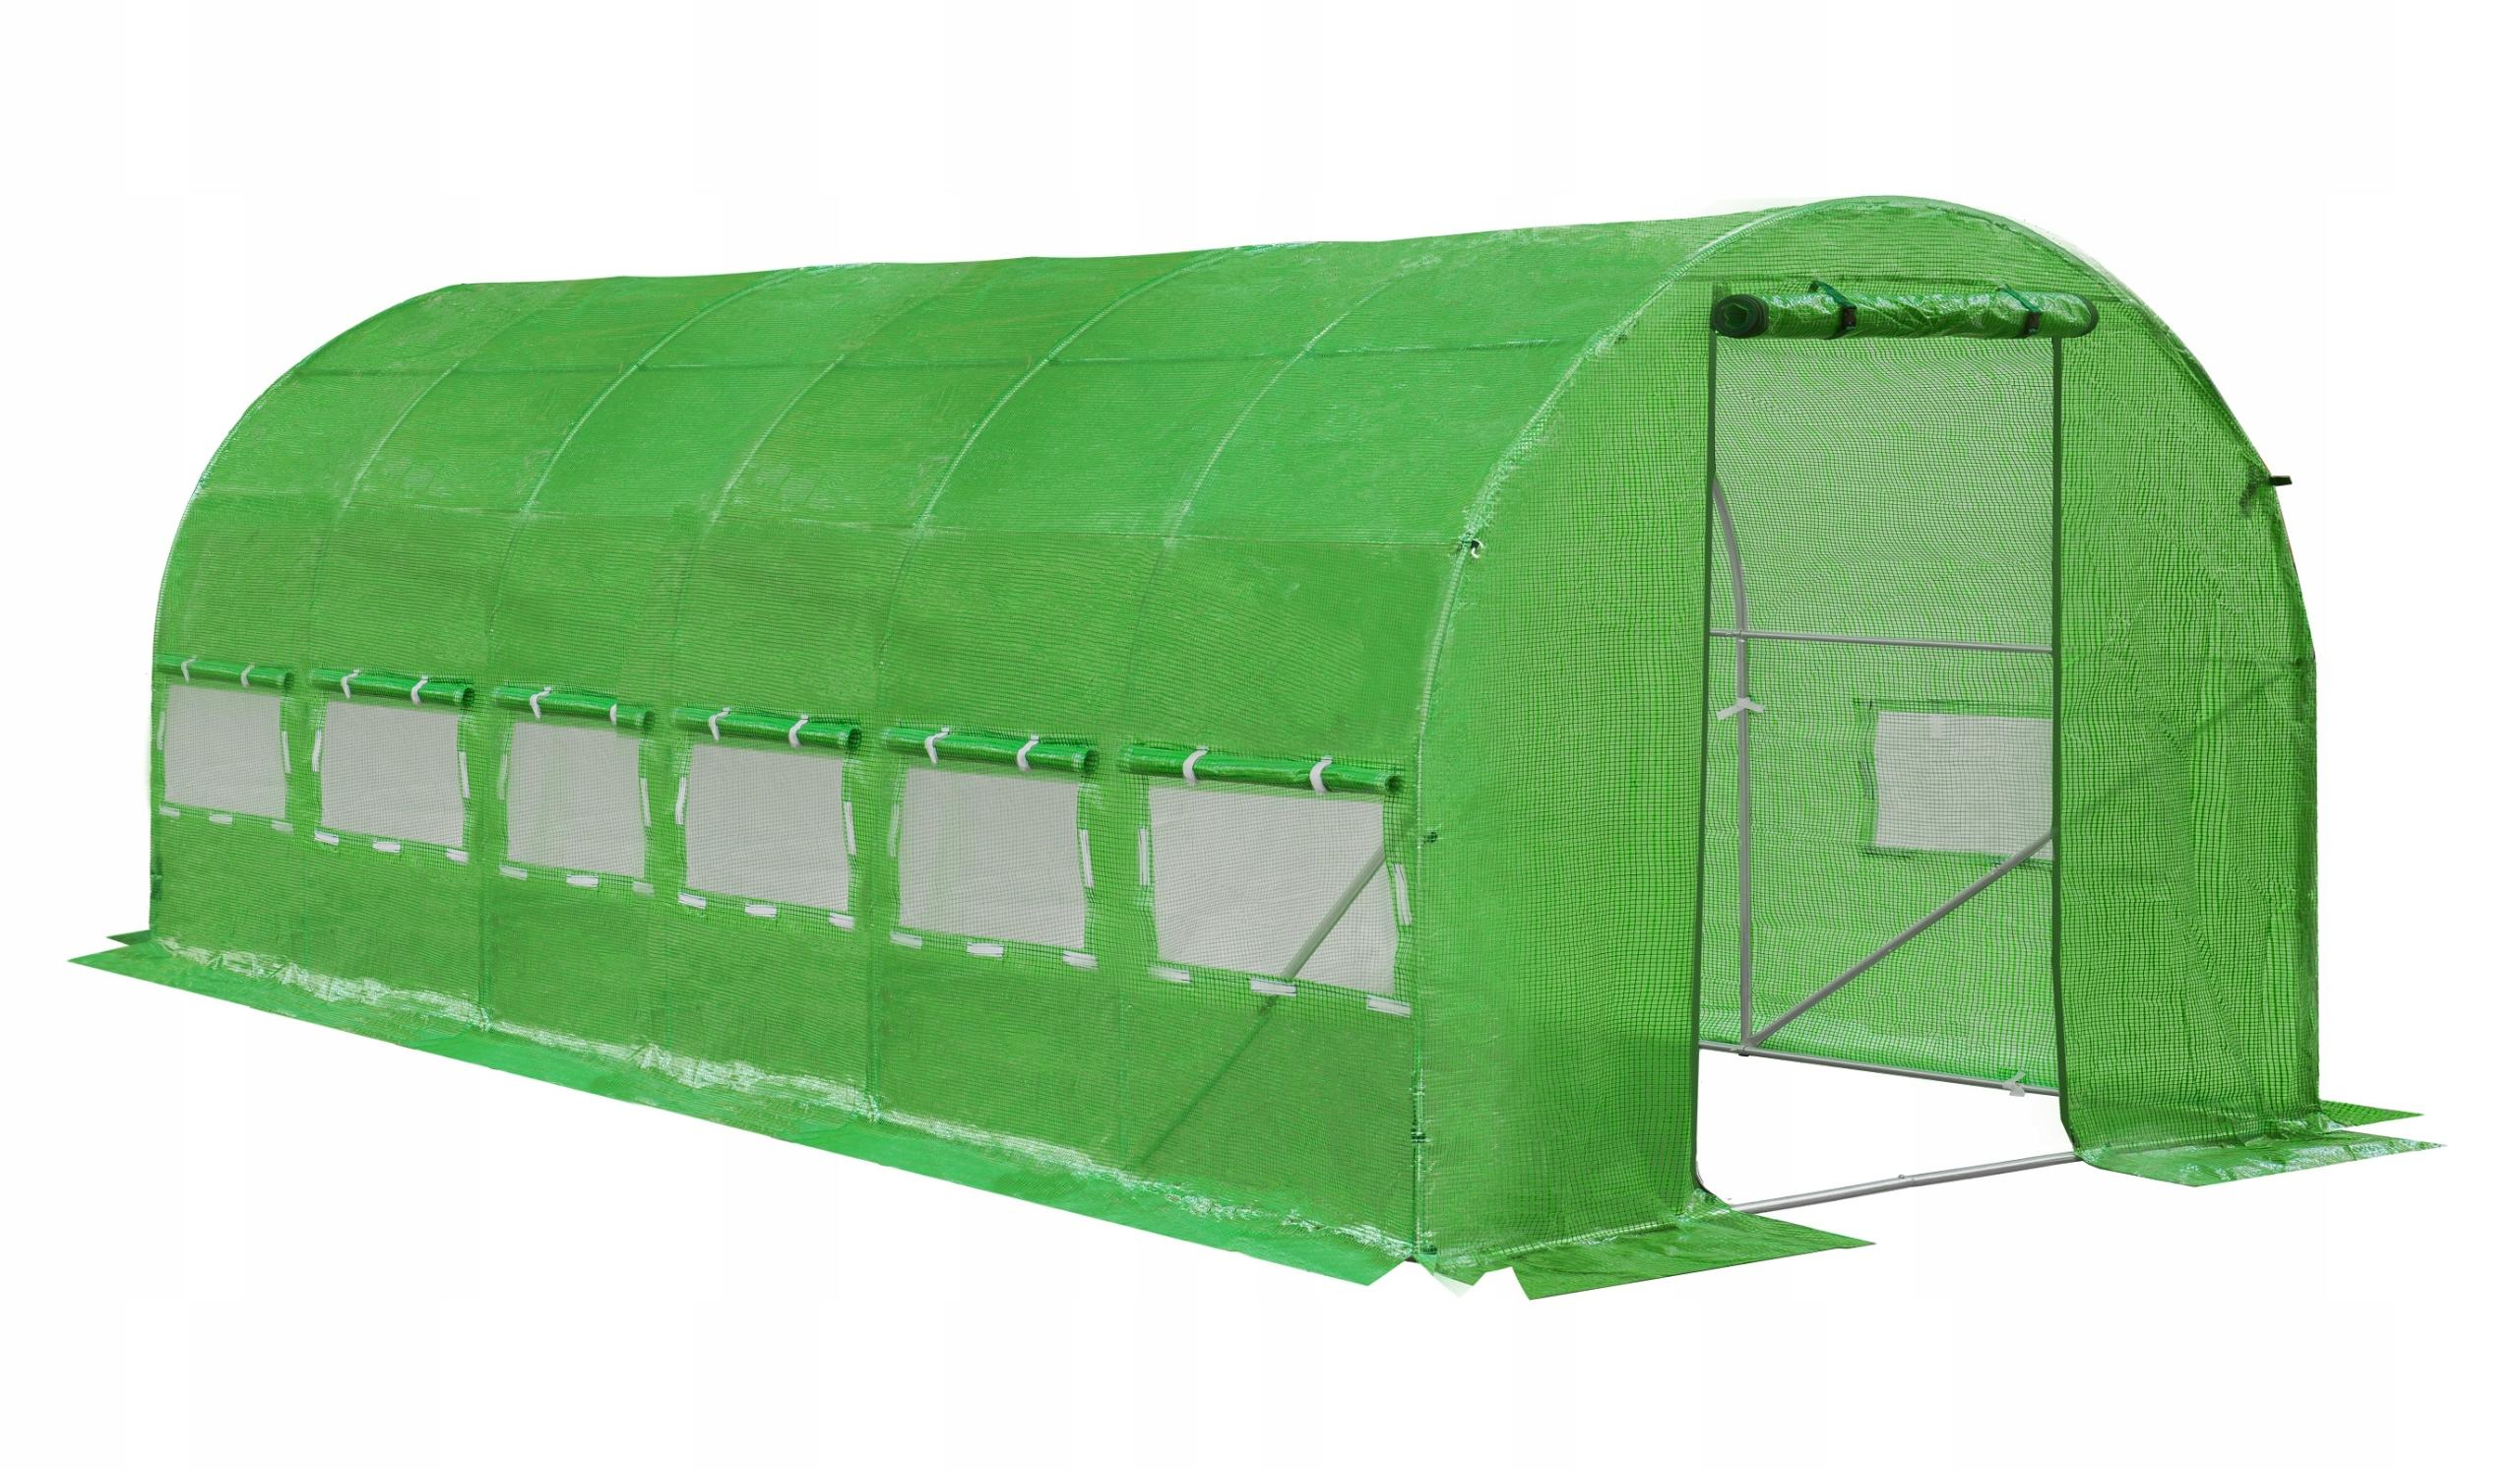 TUNEL FOLIOWY 18m2 OGRODOWY UV-4 SZKLARNIA 6x3x2m